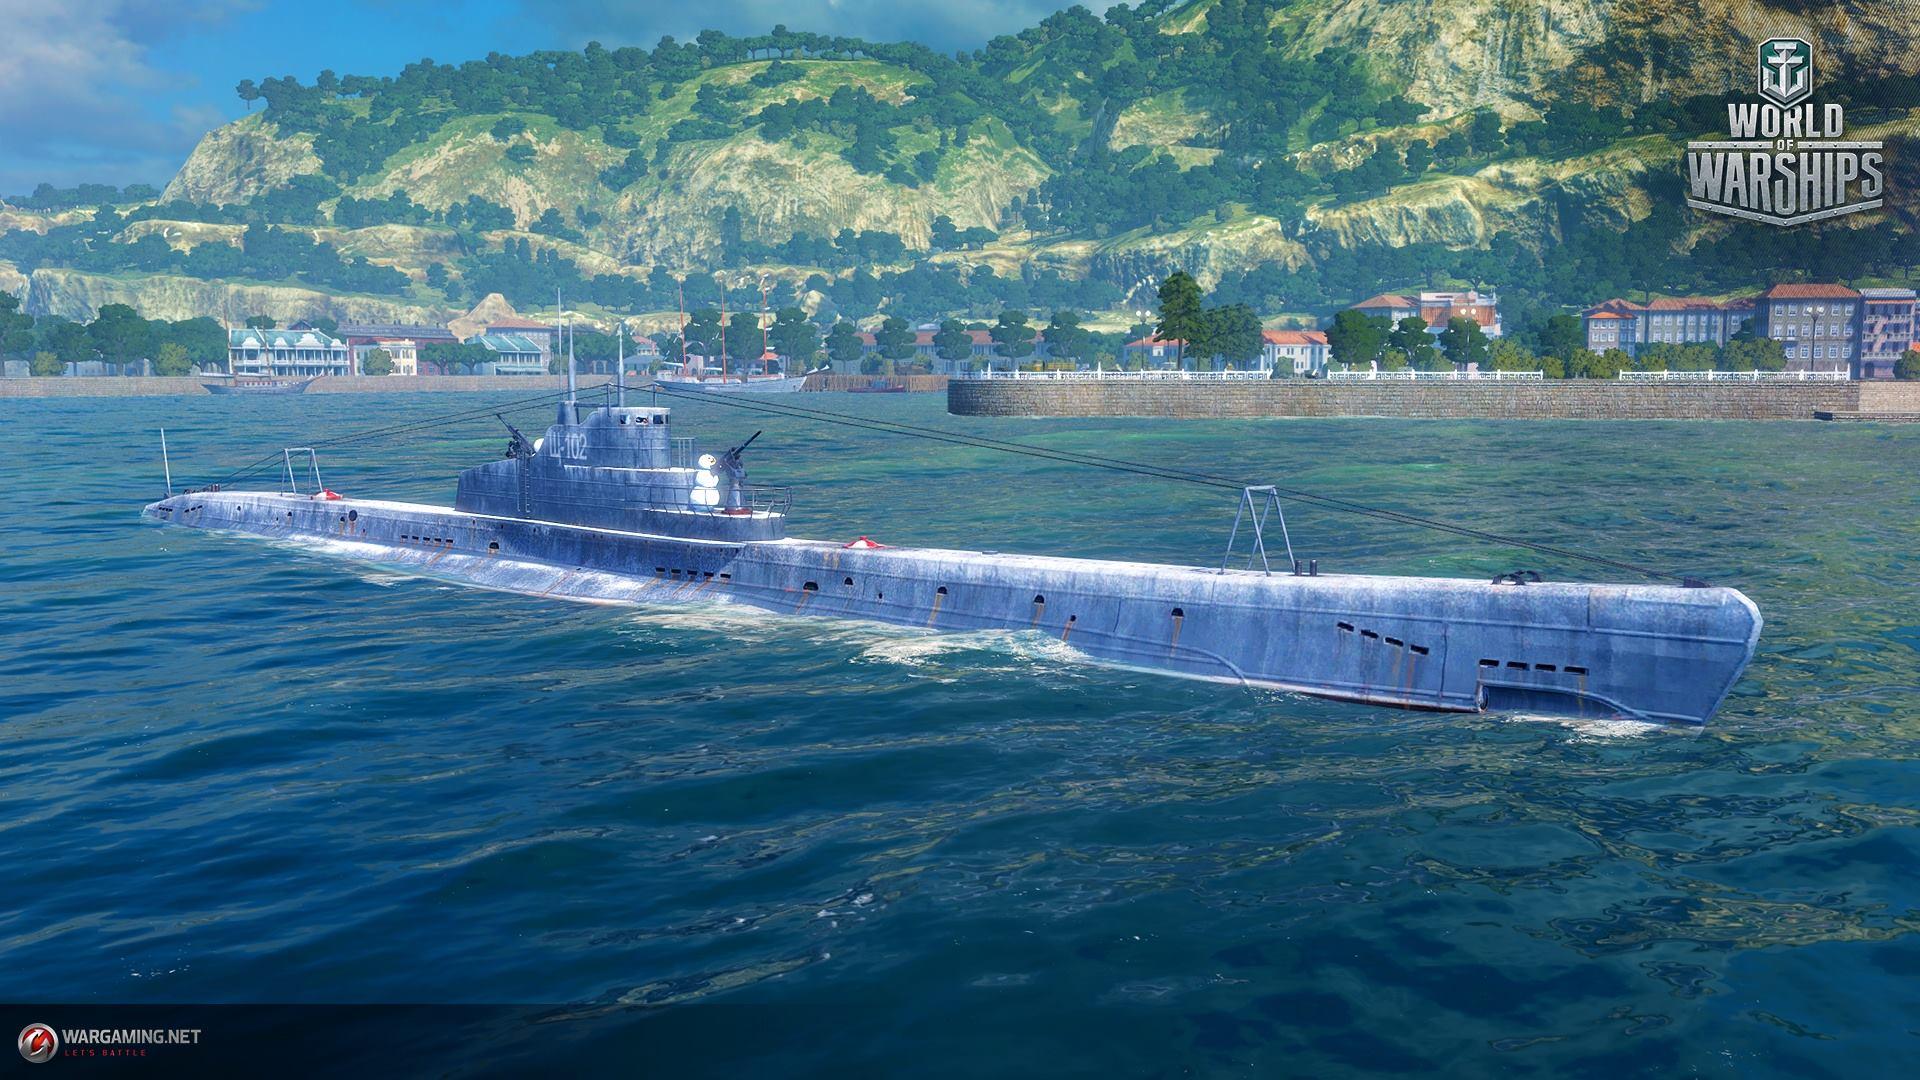 будут ли подводные лодки в warships